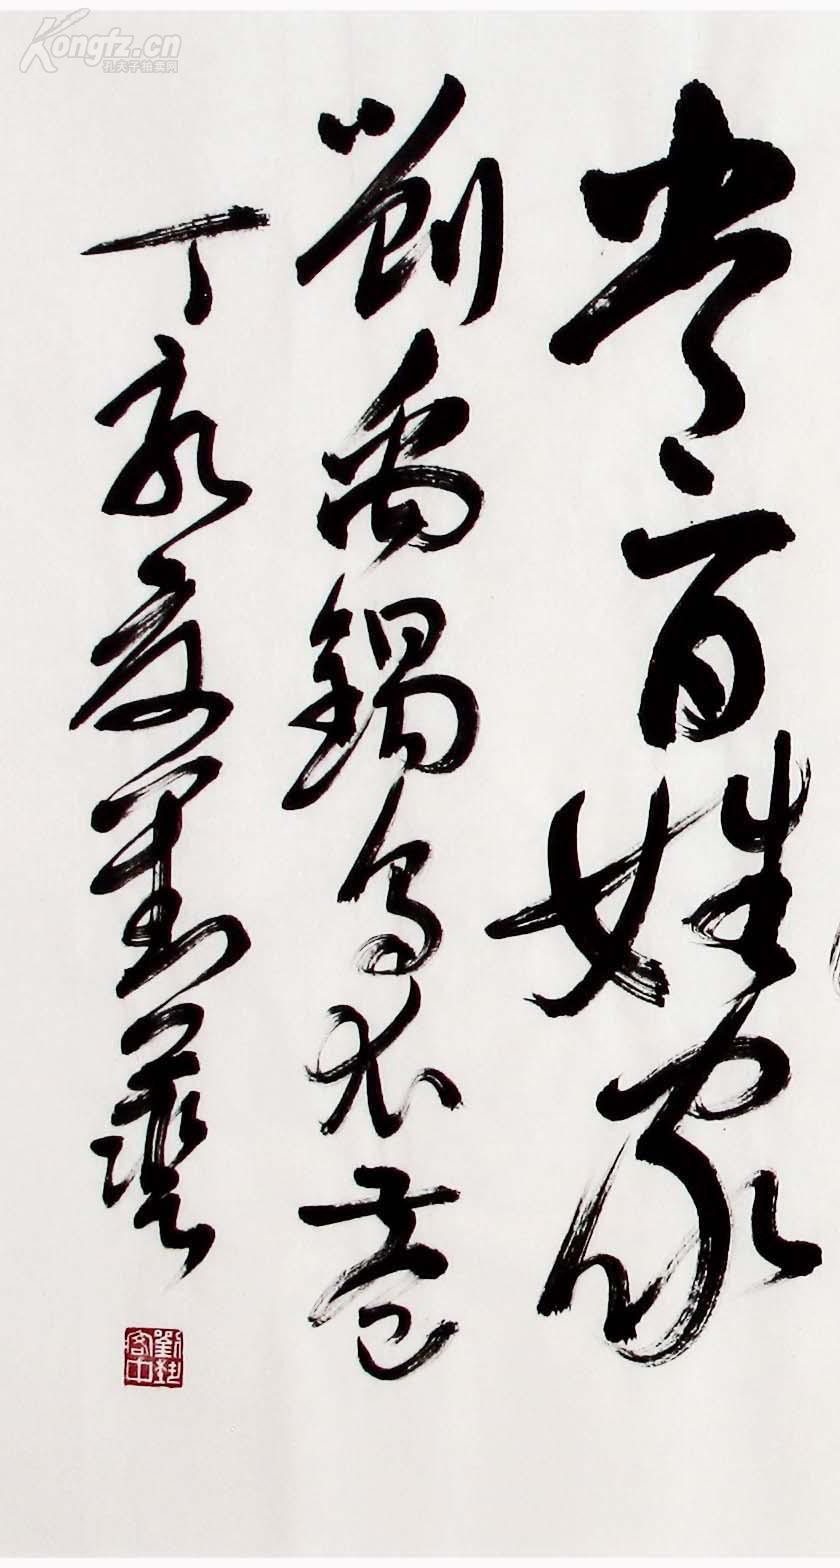 中国书协副主席刘艺书法★★★编号6820 拍品编号:24554130图片